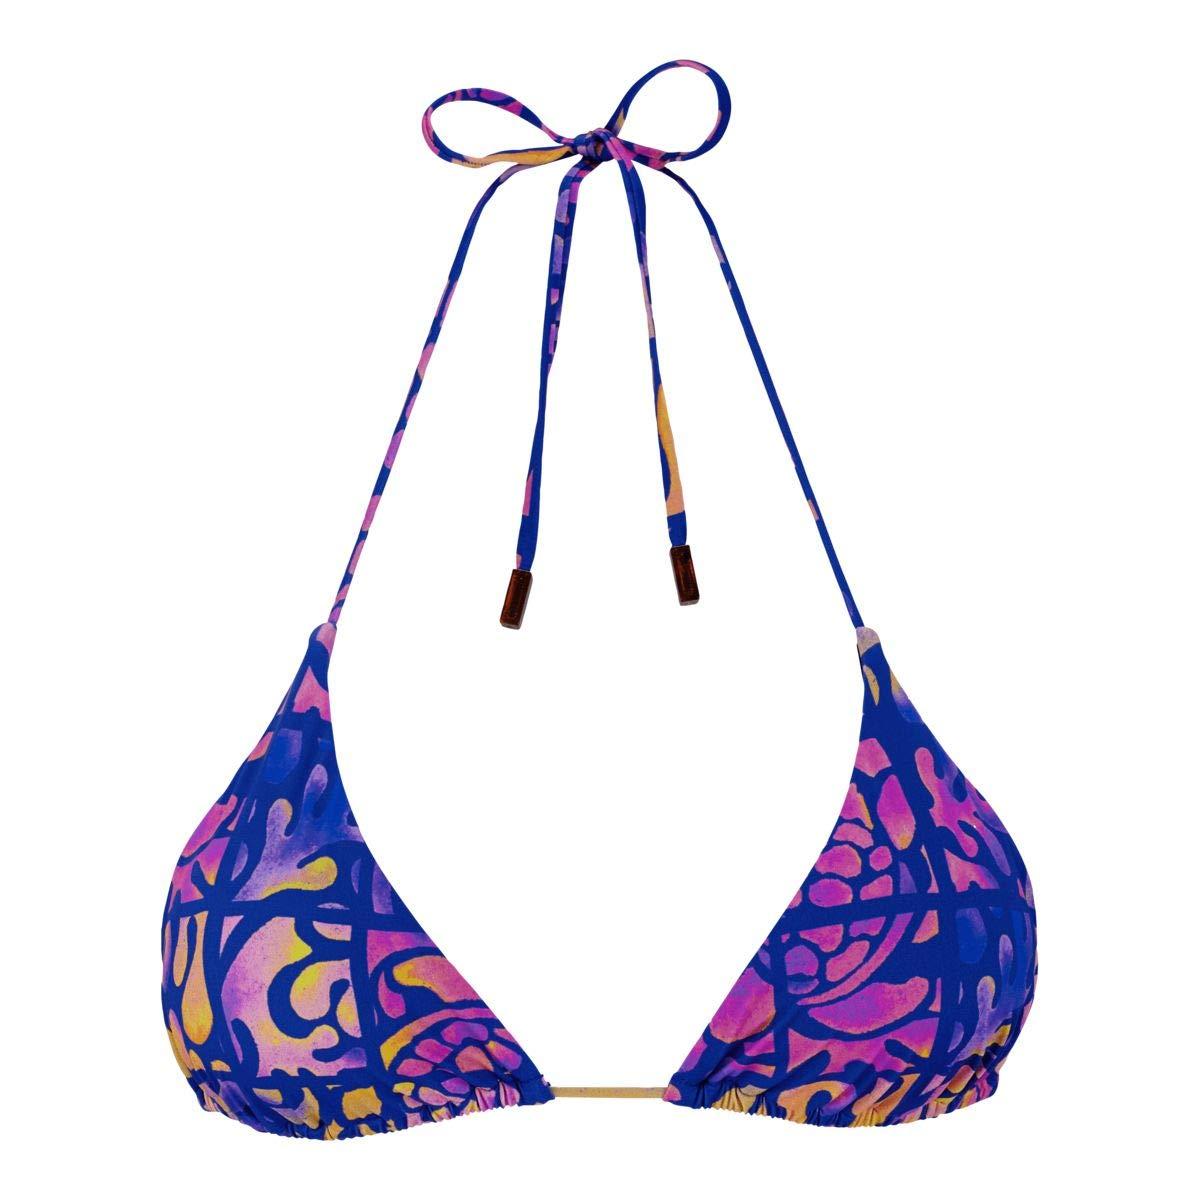 Vilebrequin Phuket Bikinihose zum Binden Binden Binden für Damen B07HZXYNGN Bikinihosen Die erste Reihe von umfassenden Spezifikationen für Kunden fbd32a